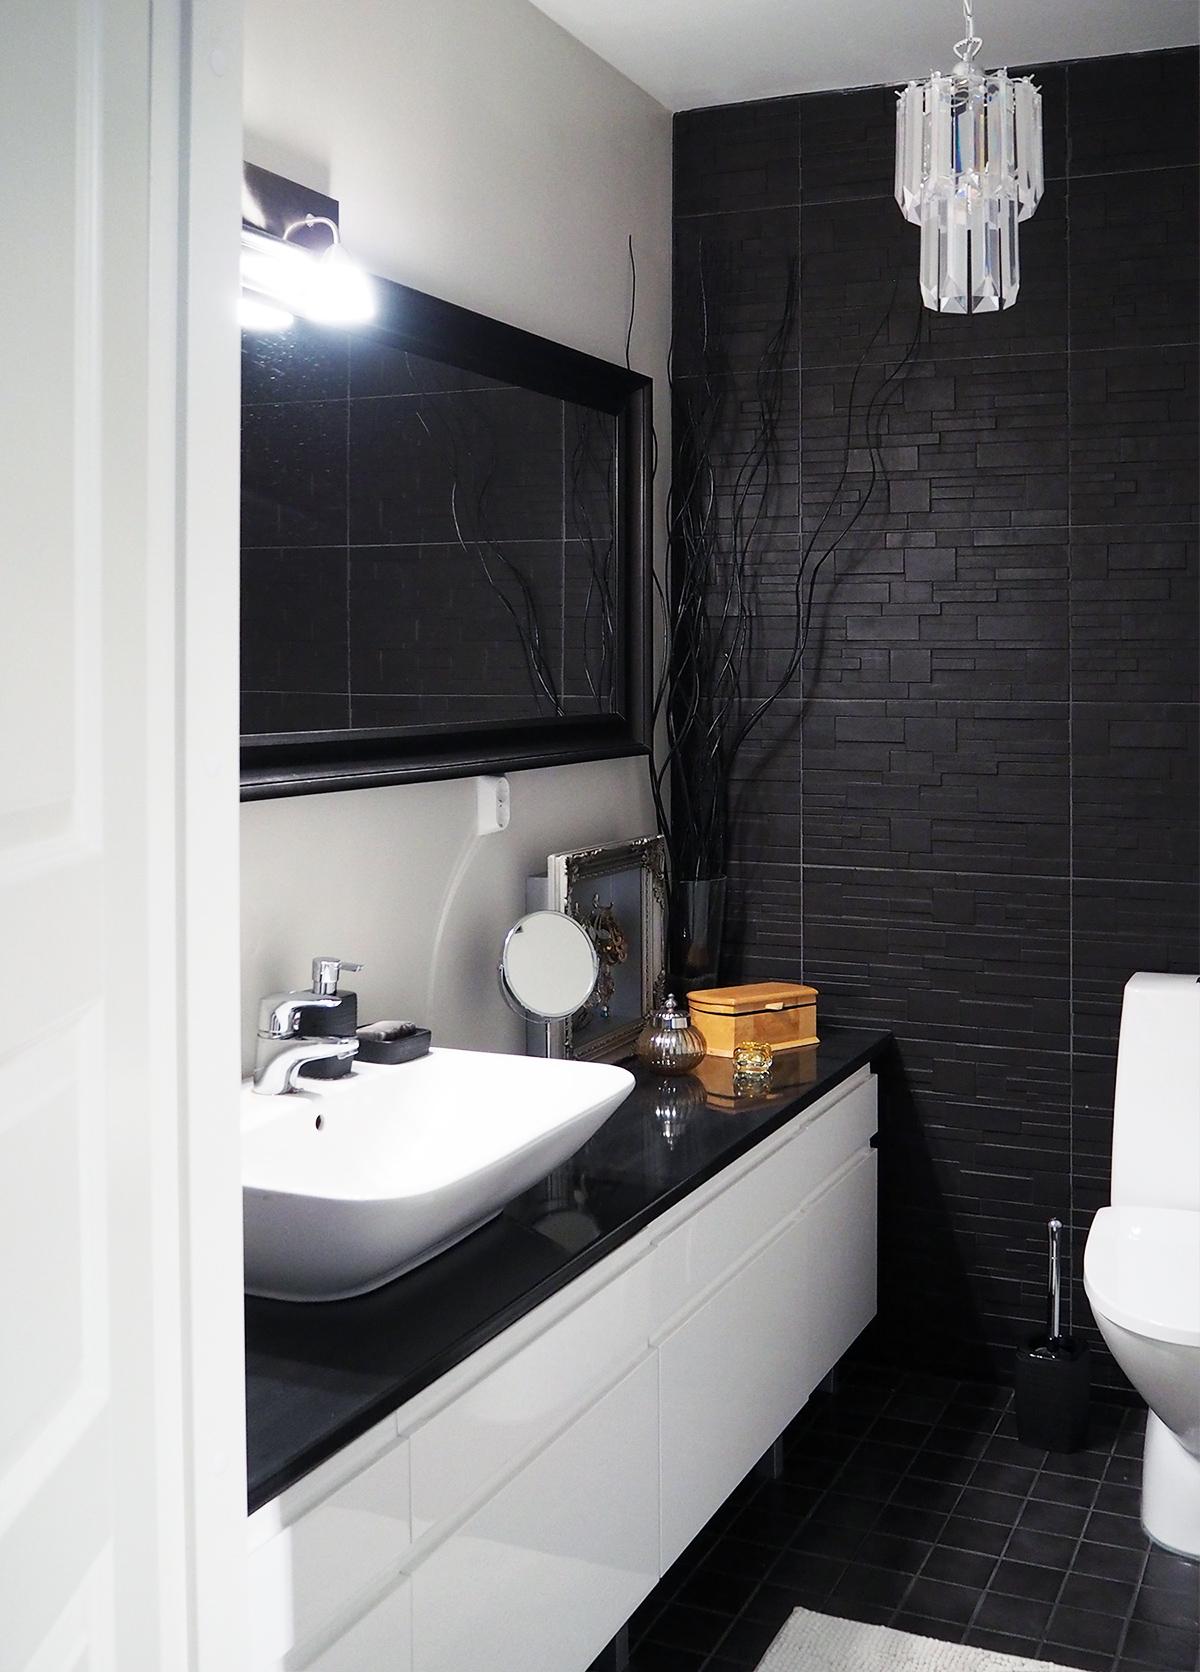 WC, mustavalkoinen sisustus, laatat